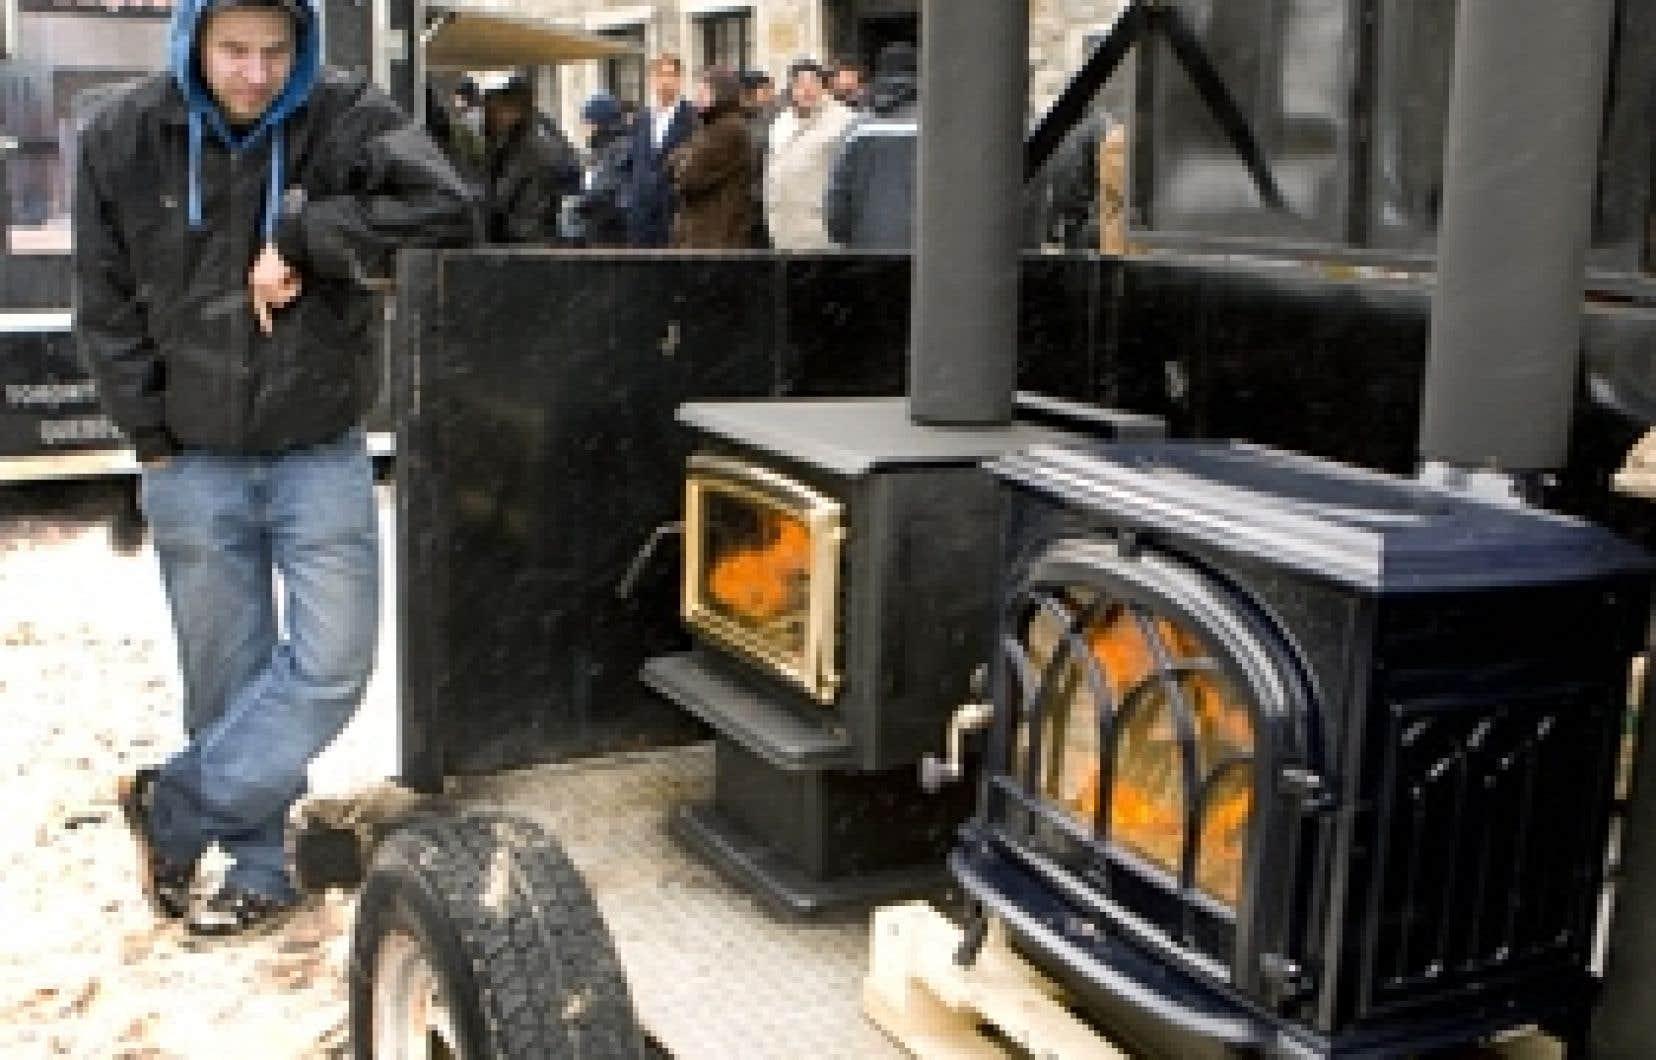 L'Association des professionnels du chauffage avait installé une dizaine de poêles à bois en bordure de la rue, tout près de l'hôtel de ville, afin de sensibiliser les élus.